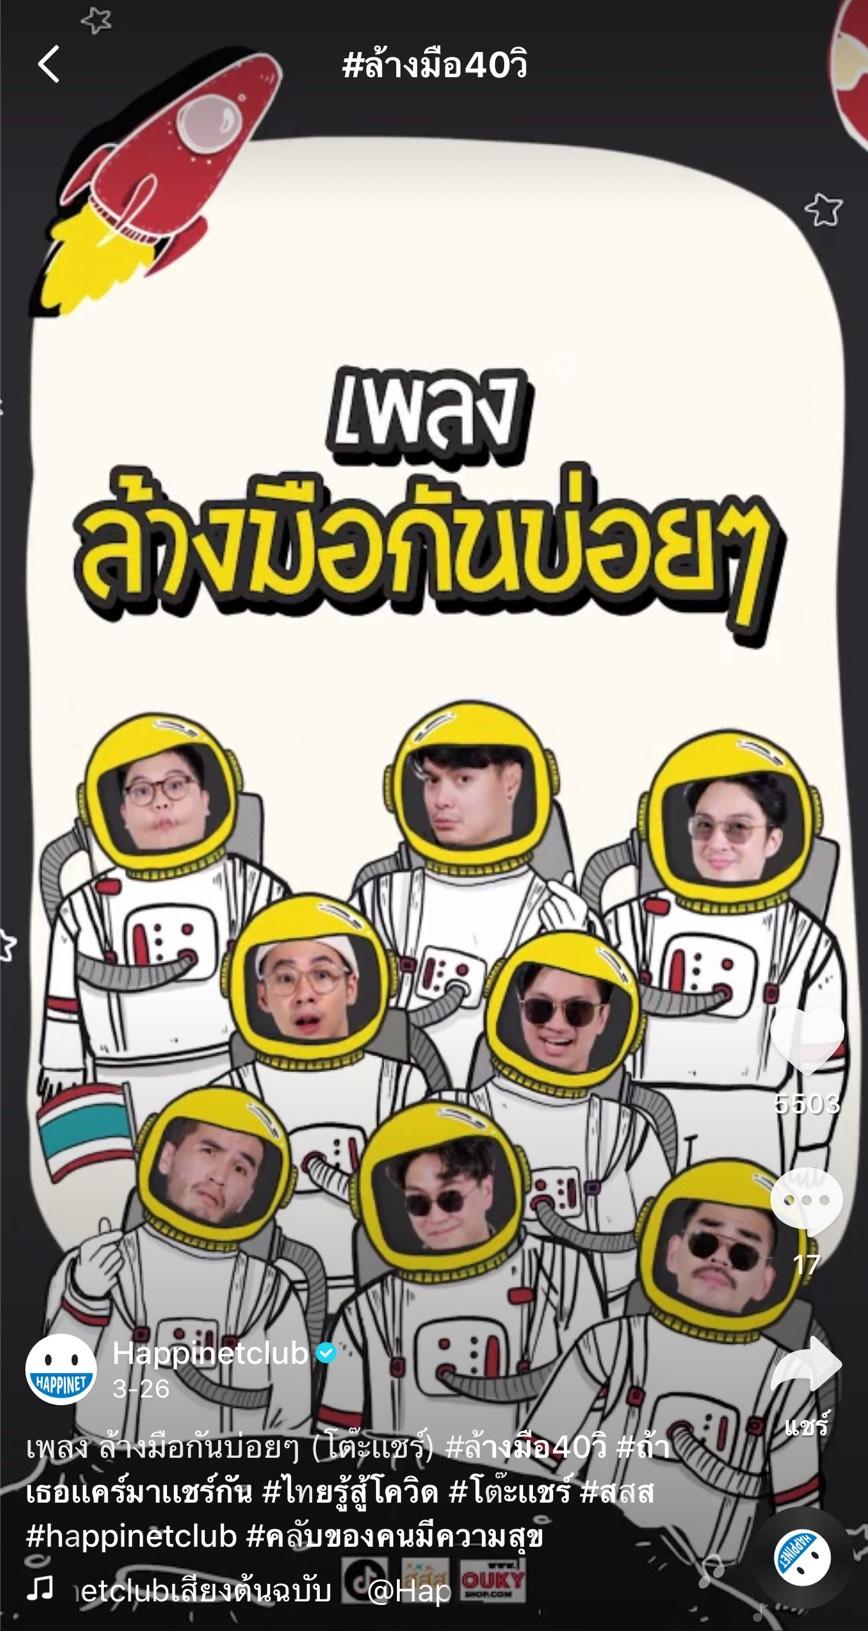 7 กิจกรรมสุขใจ ต้านภัยโควิด-19 thaihealth